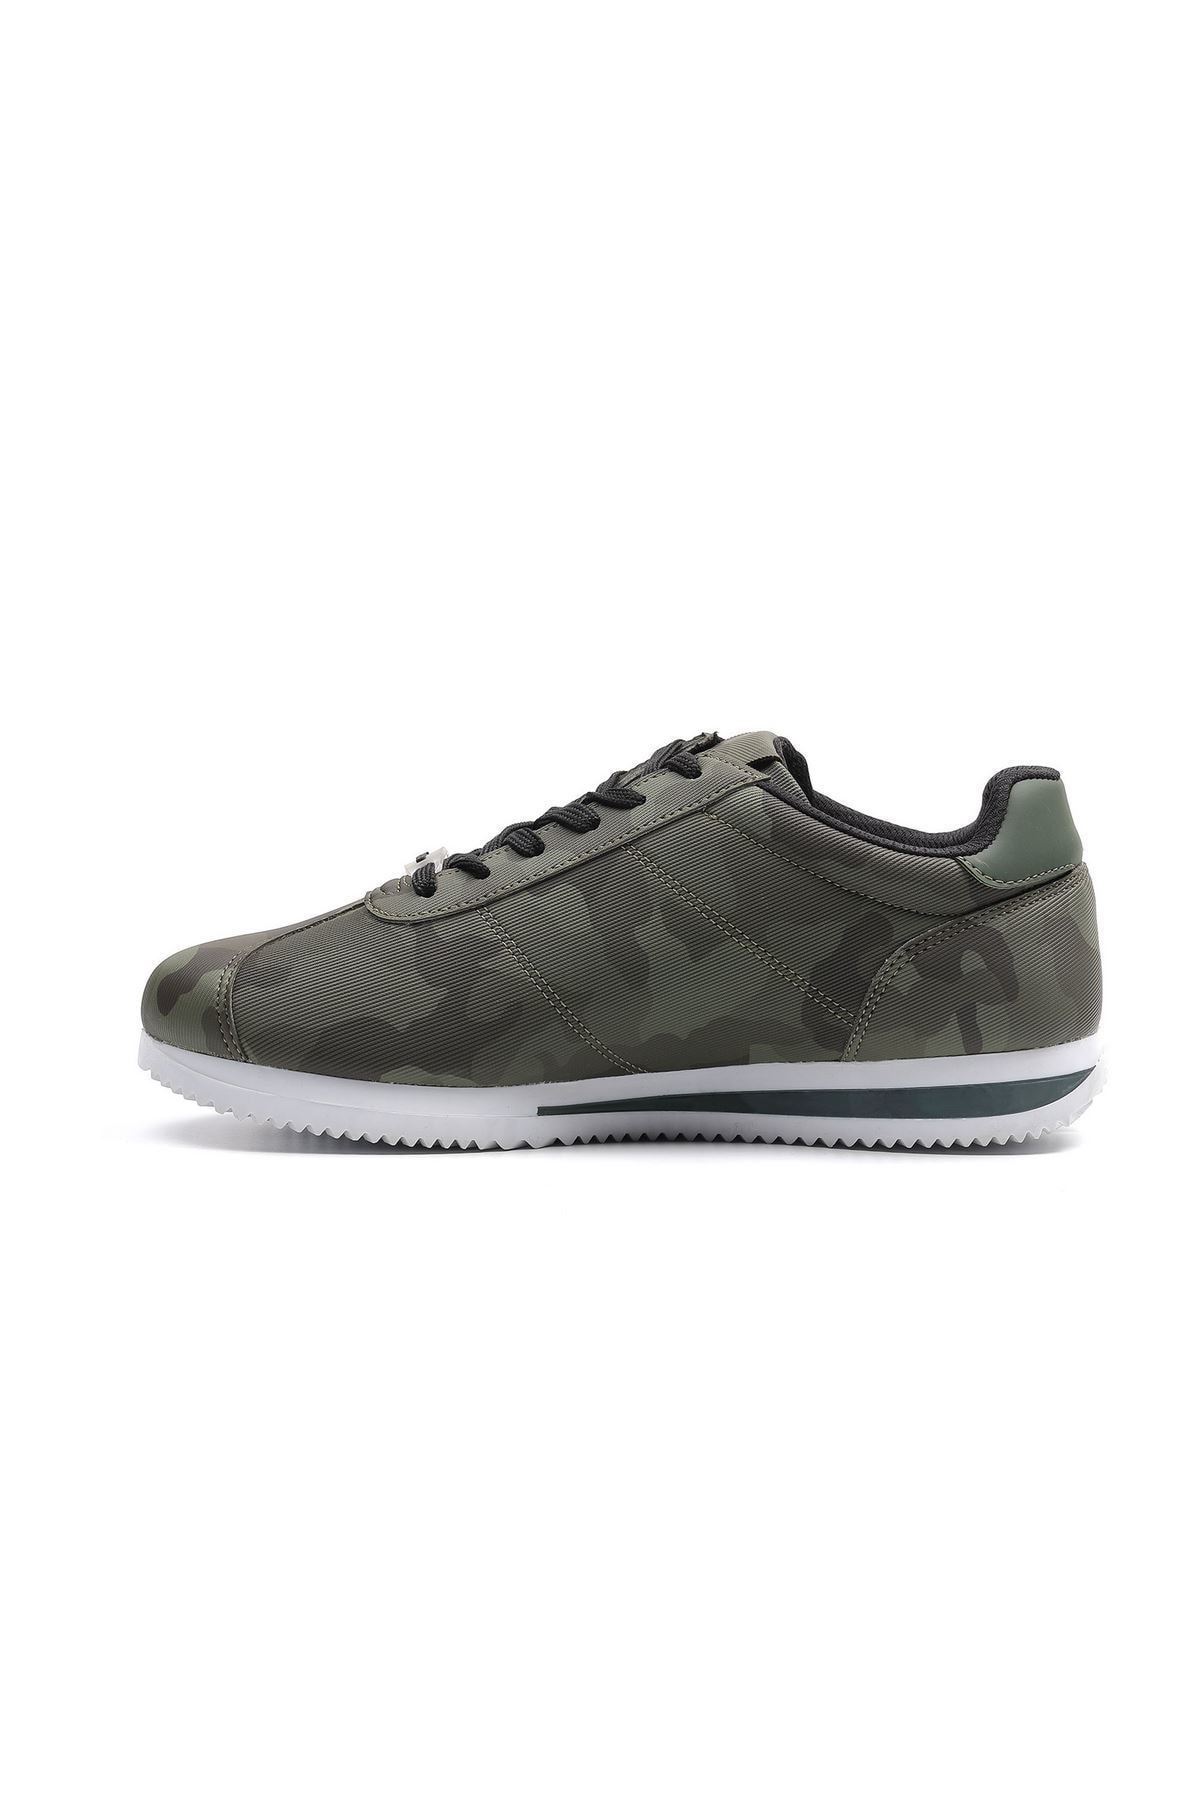 LETOON Unisex Casual Ayakkabı - 7122GR 2